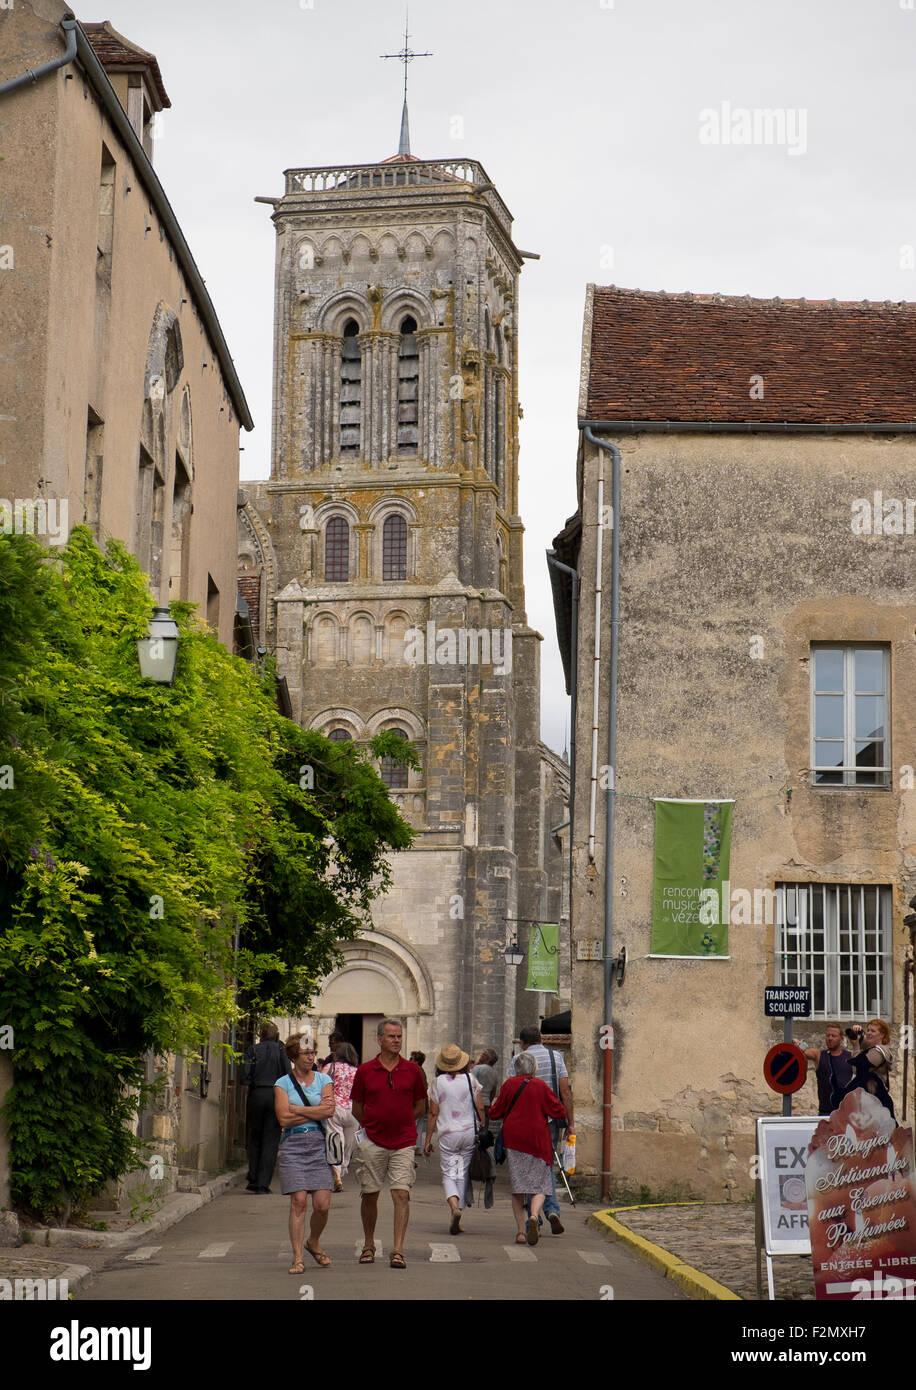 The Basilica of St Magdelene, Vezelay - Stock Image